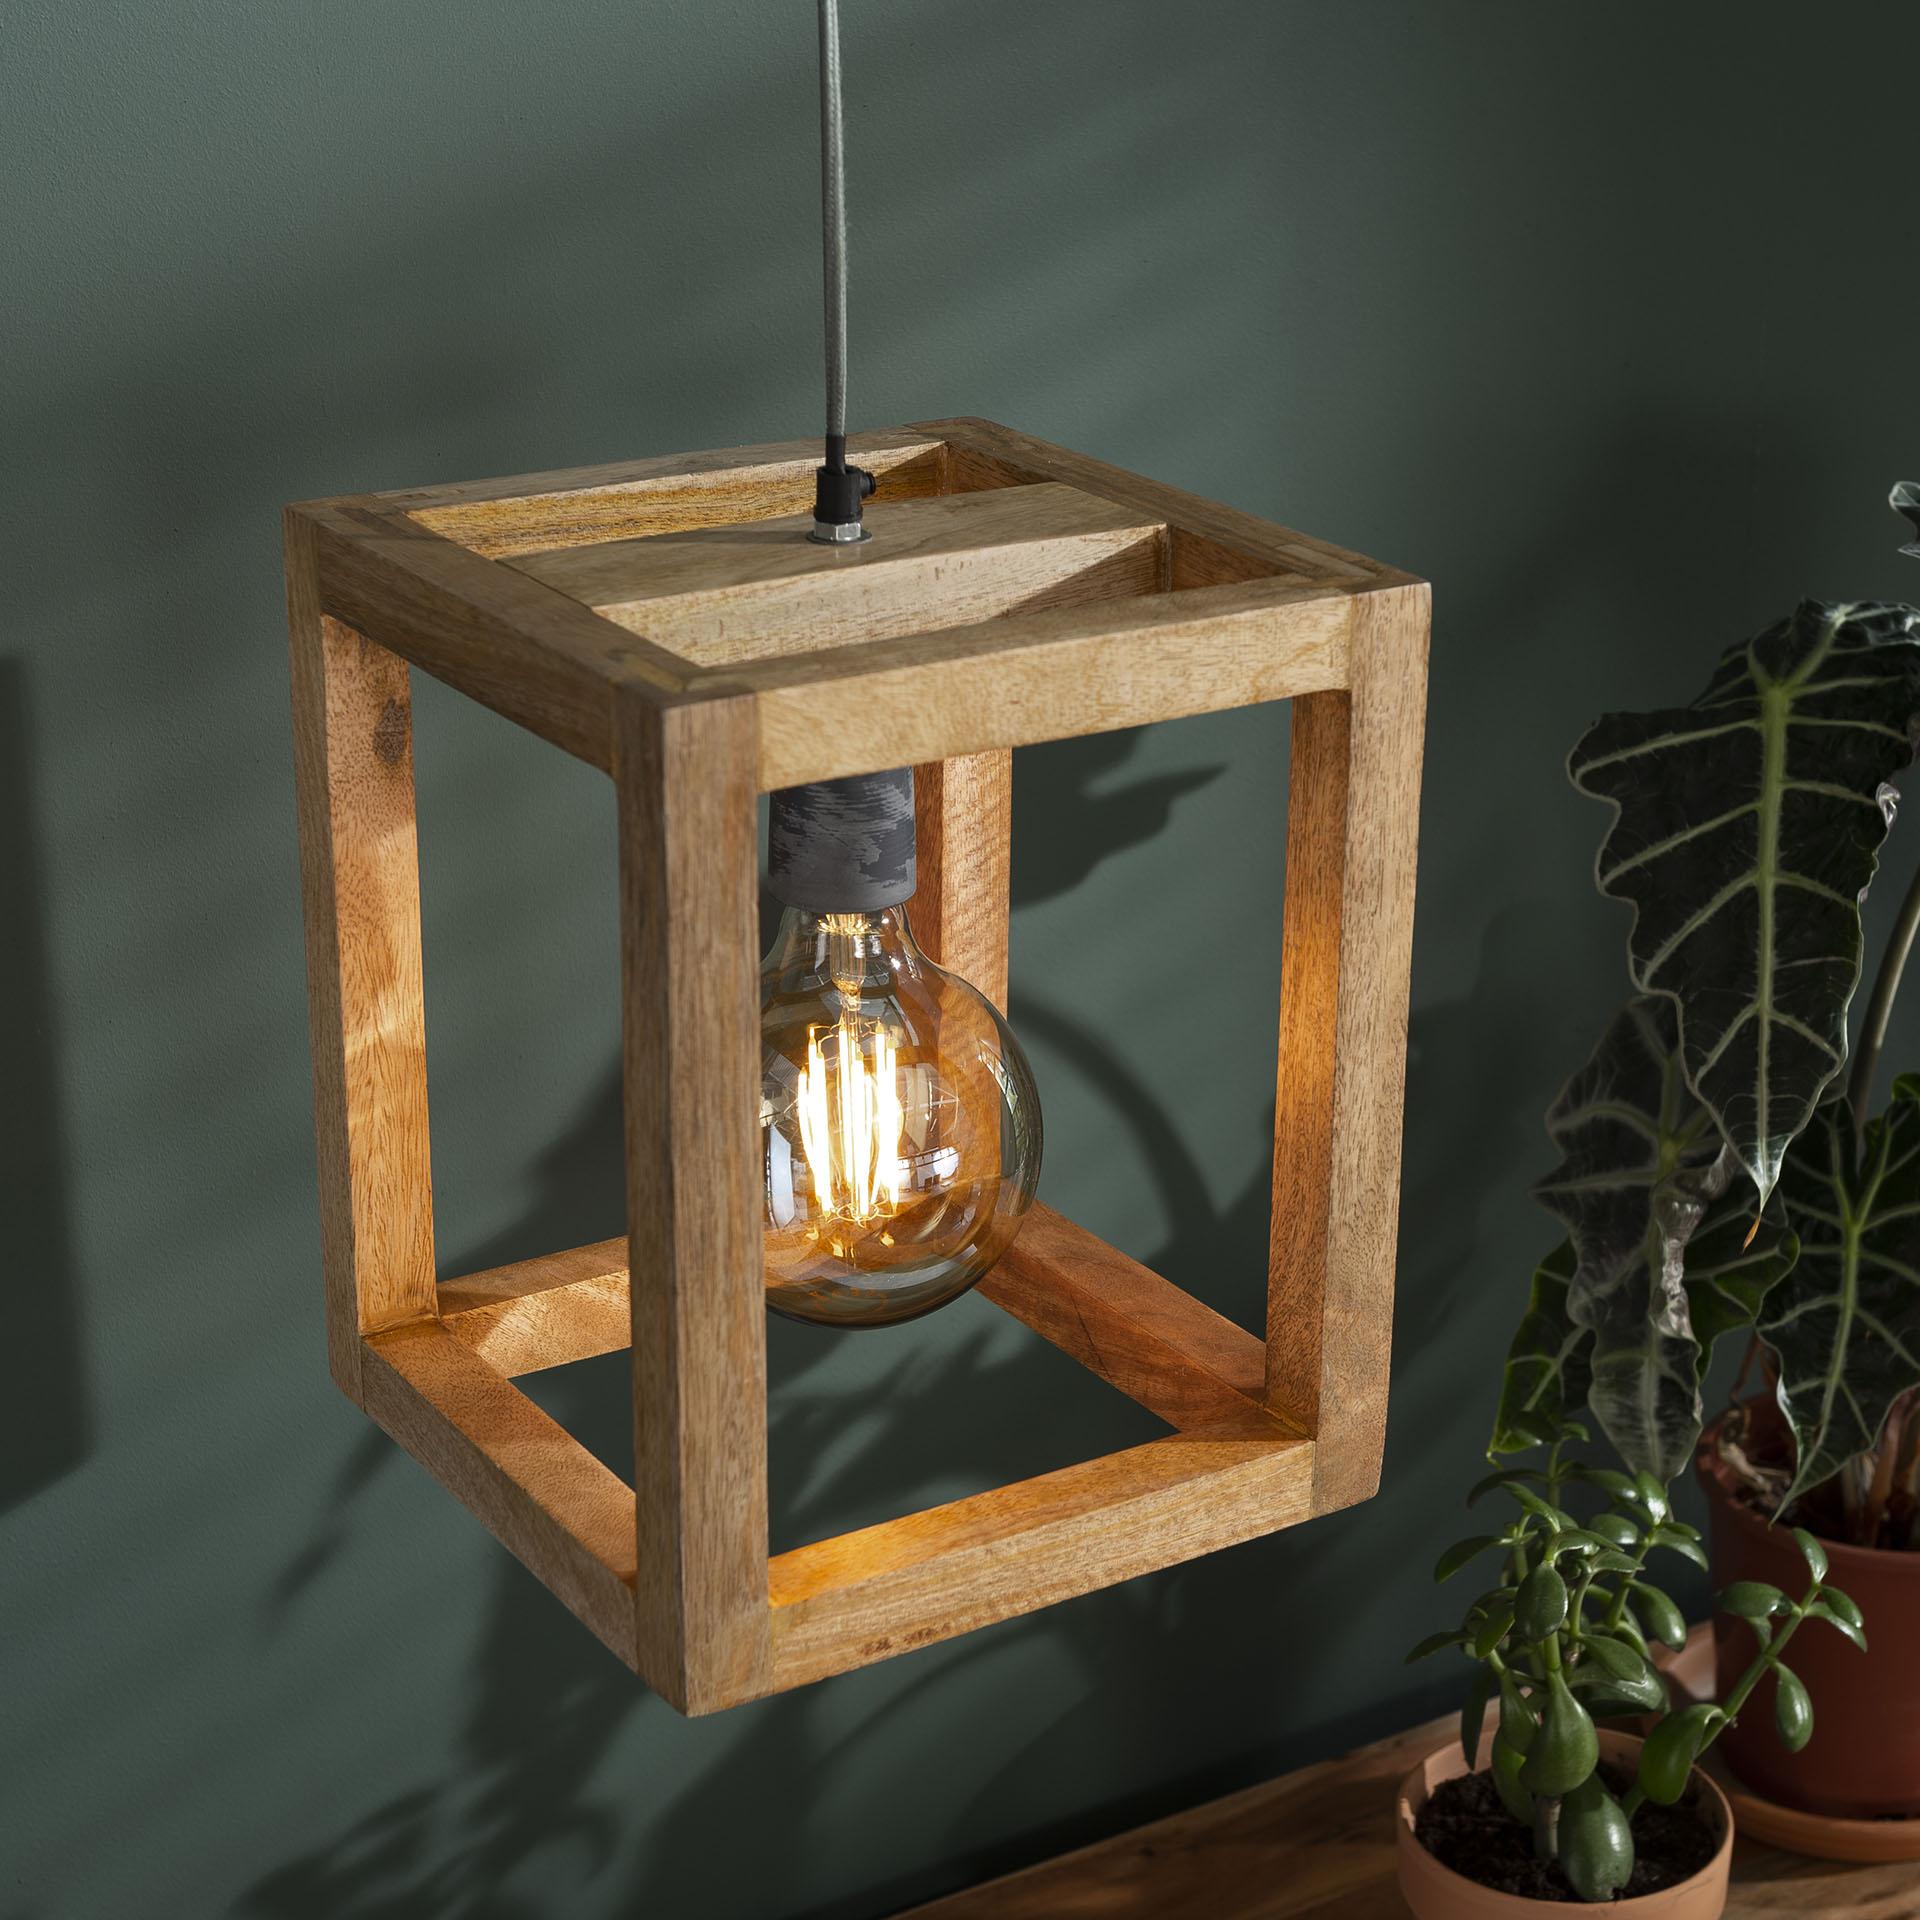 Hanglamp 'Thelma' 25 x 25cm